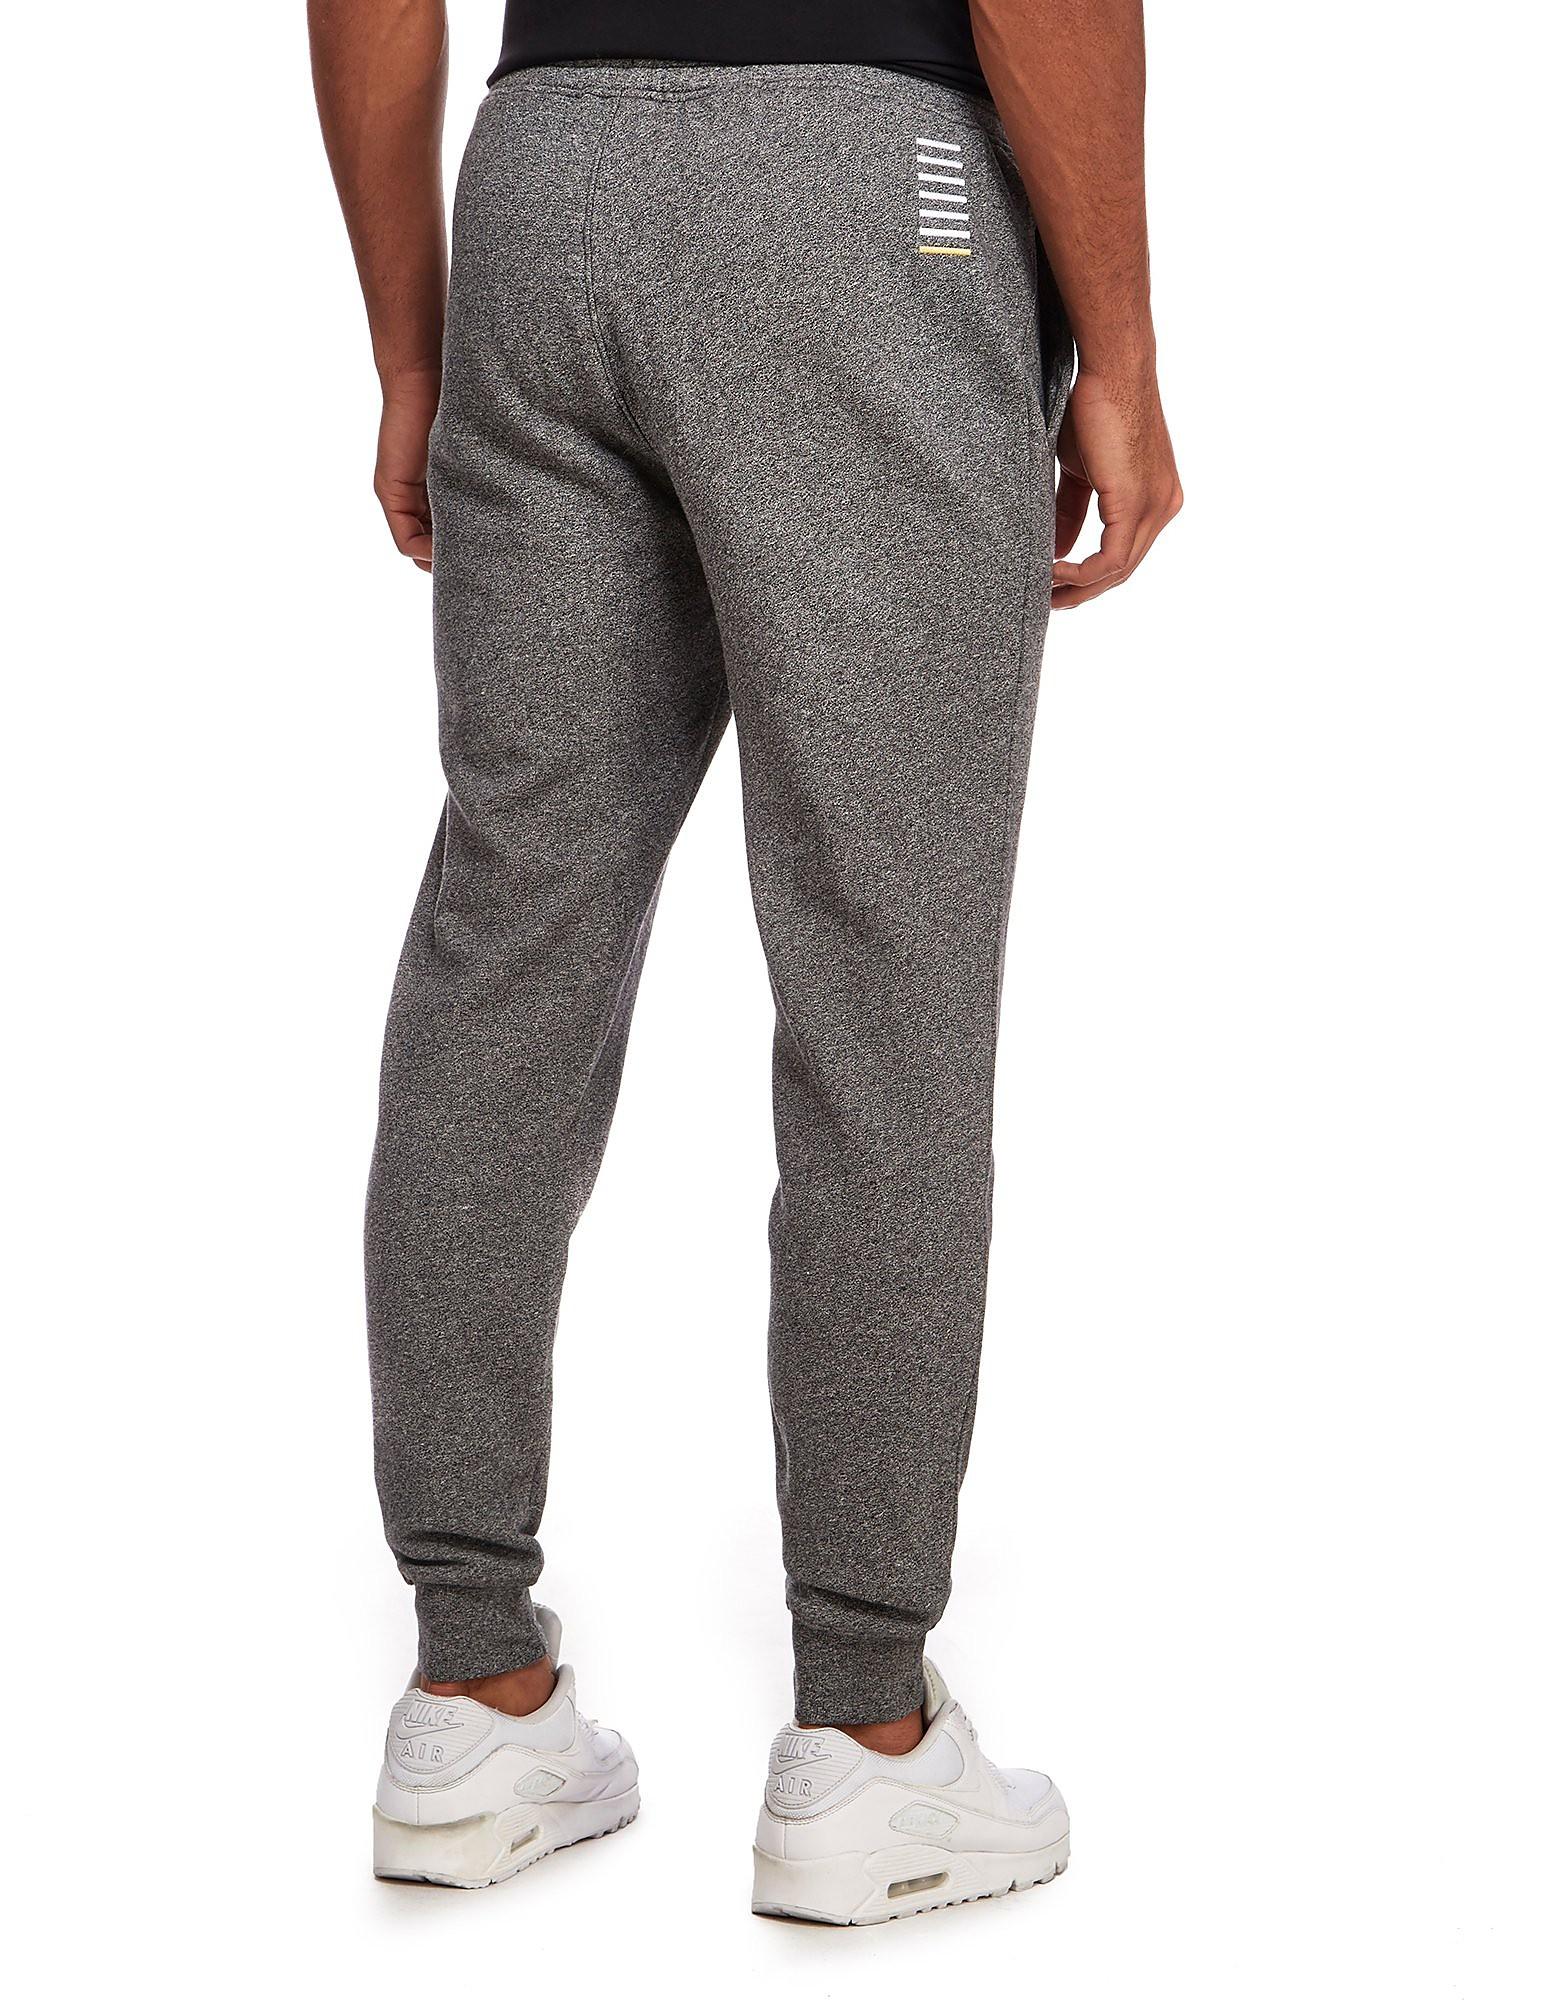 Emporio Armani EA7 Enhanced Pants